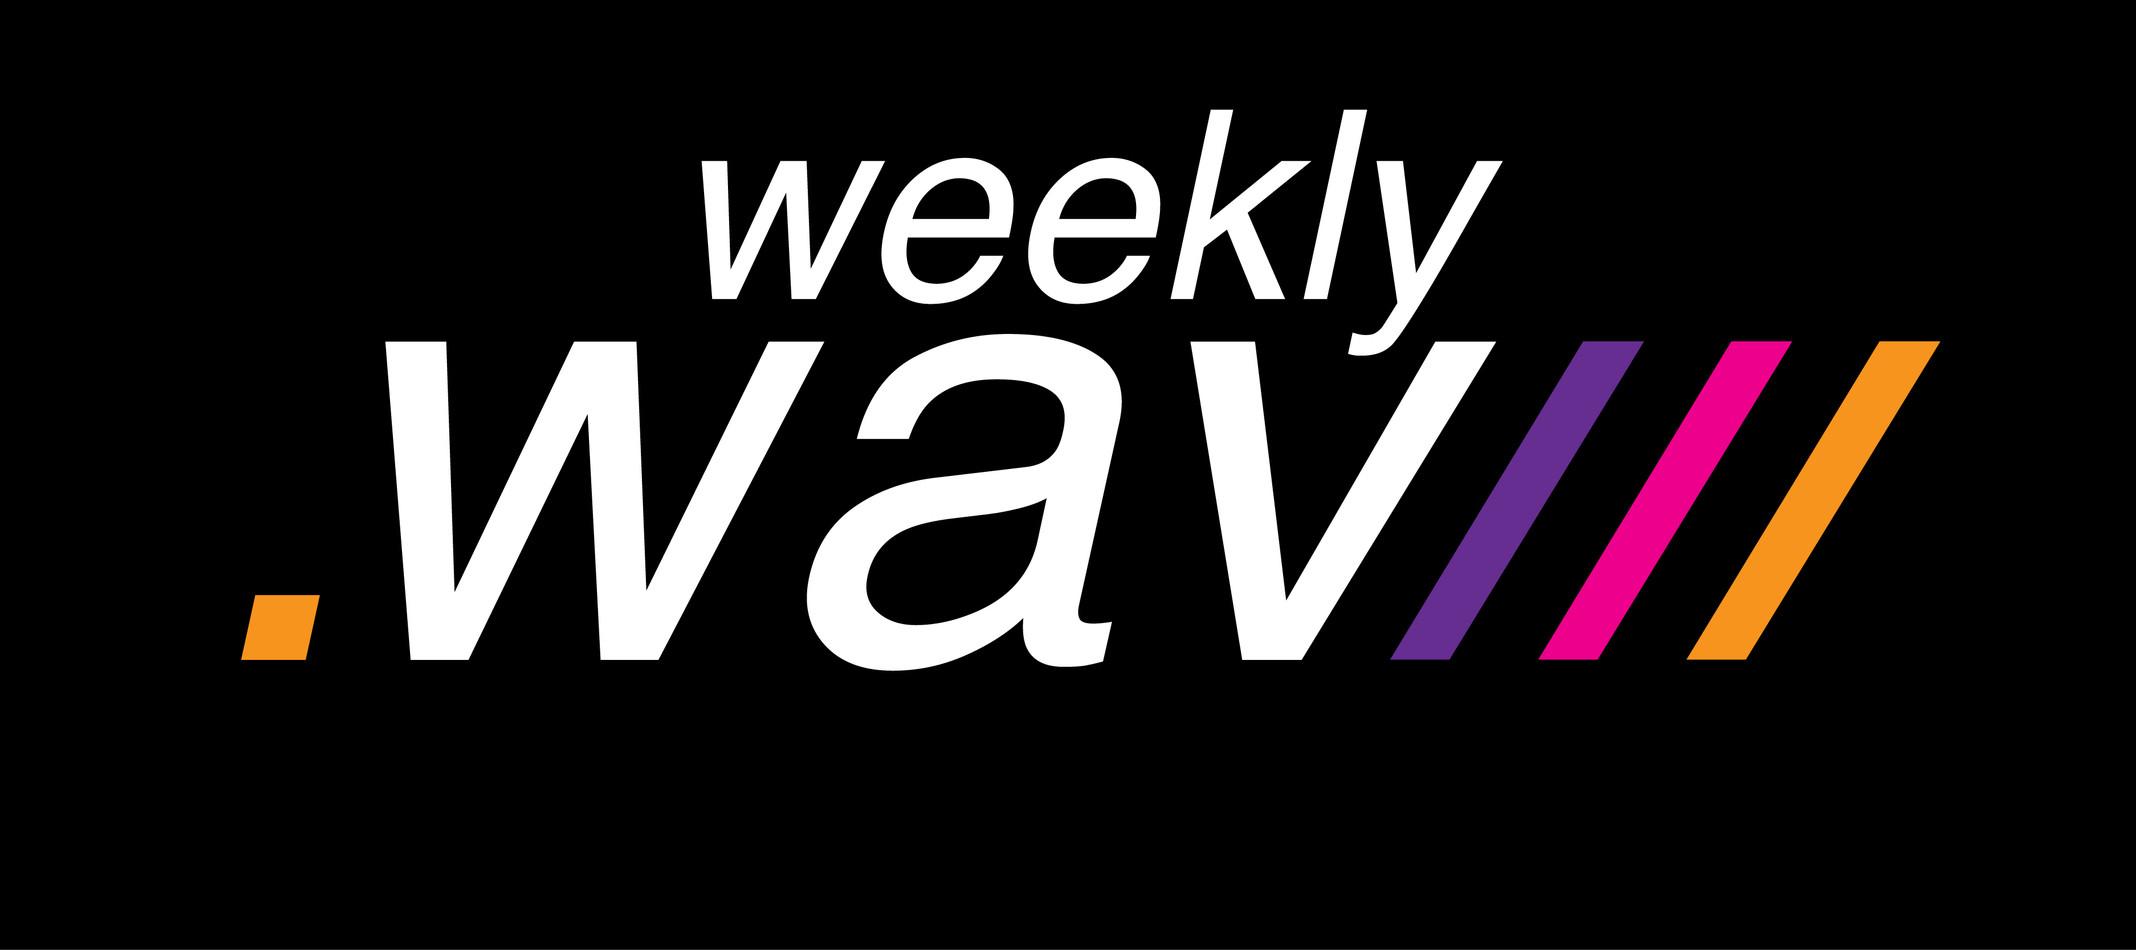 Weekly.wav